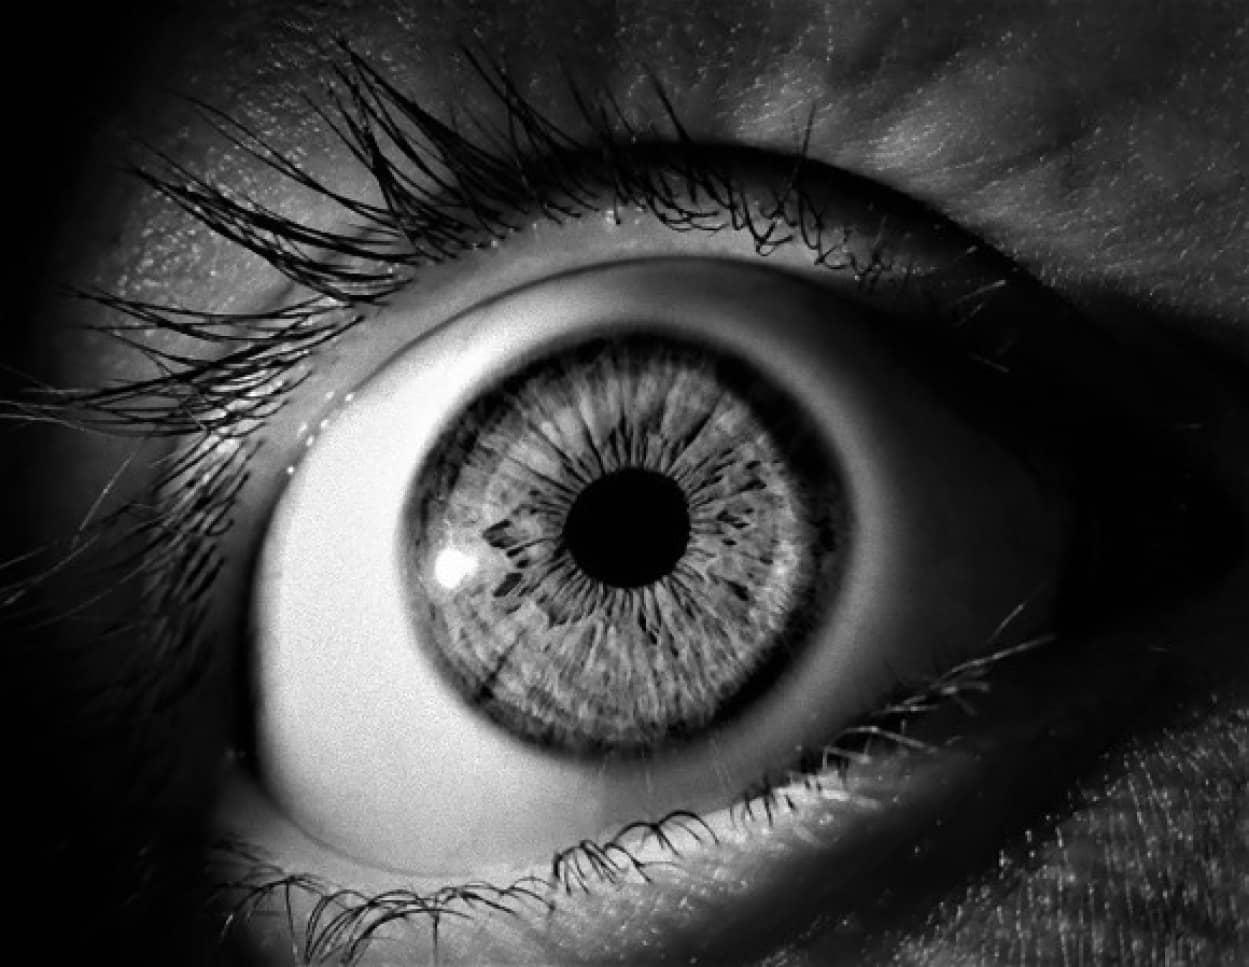 eye-3221498_640_e_e